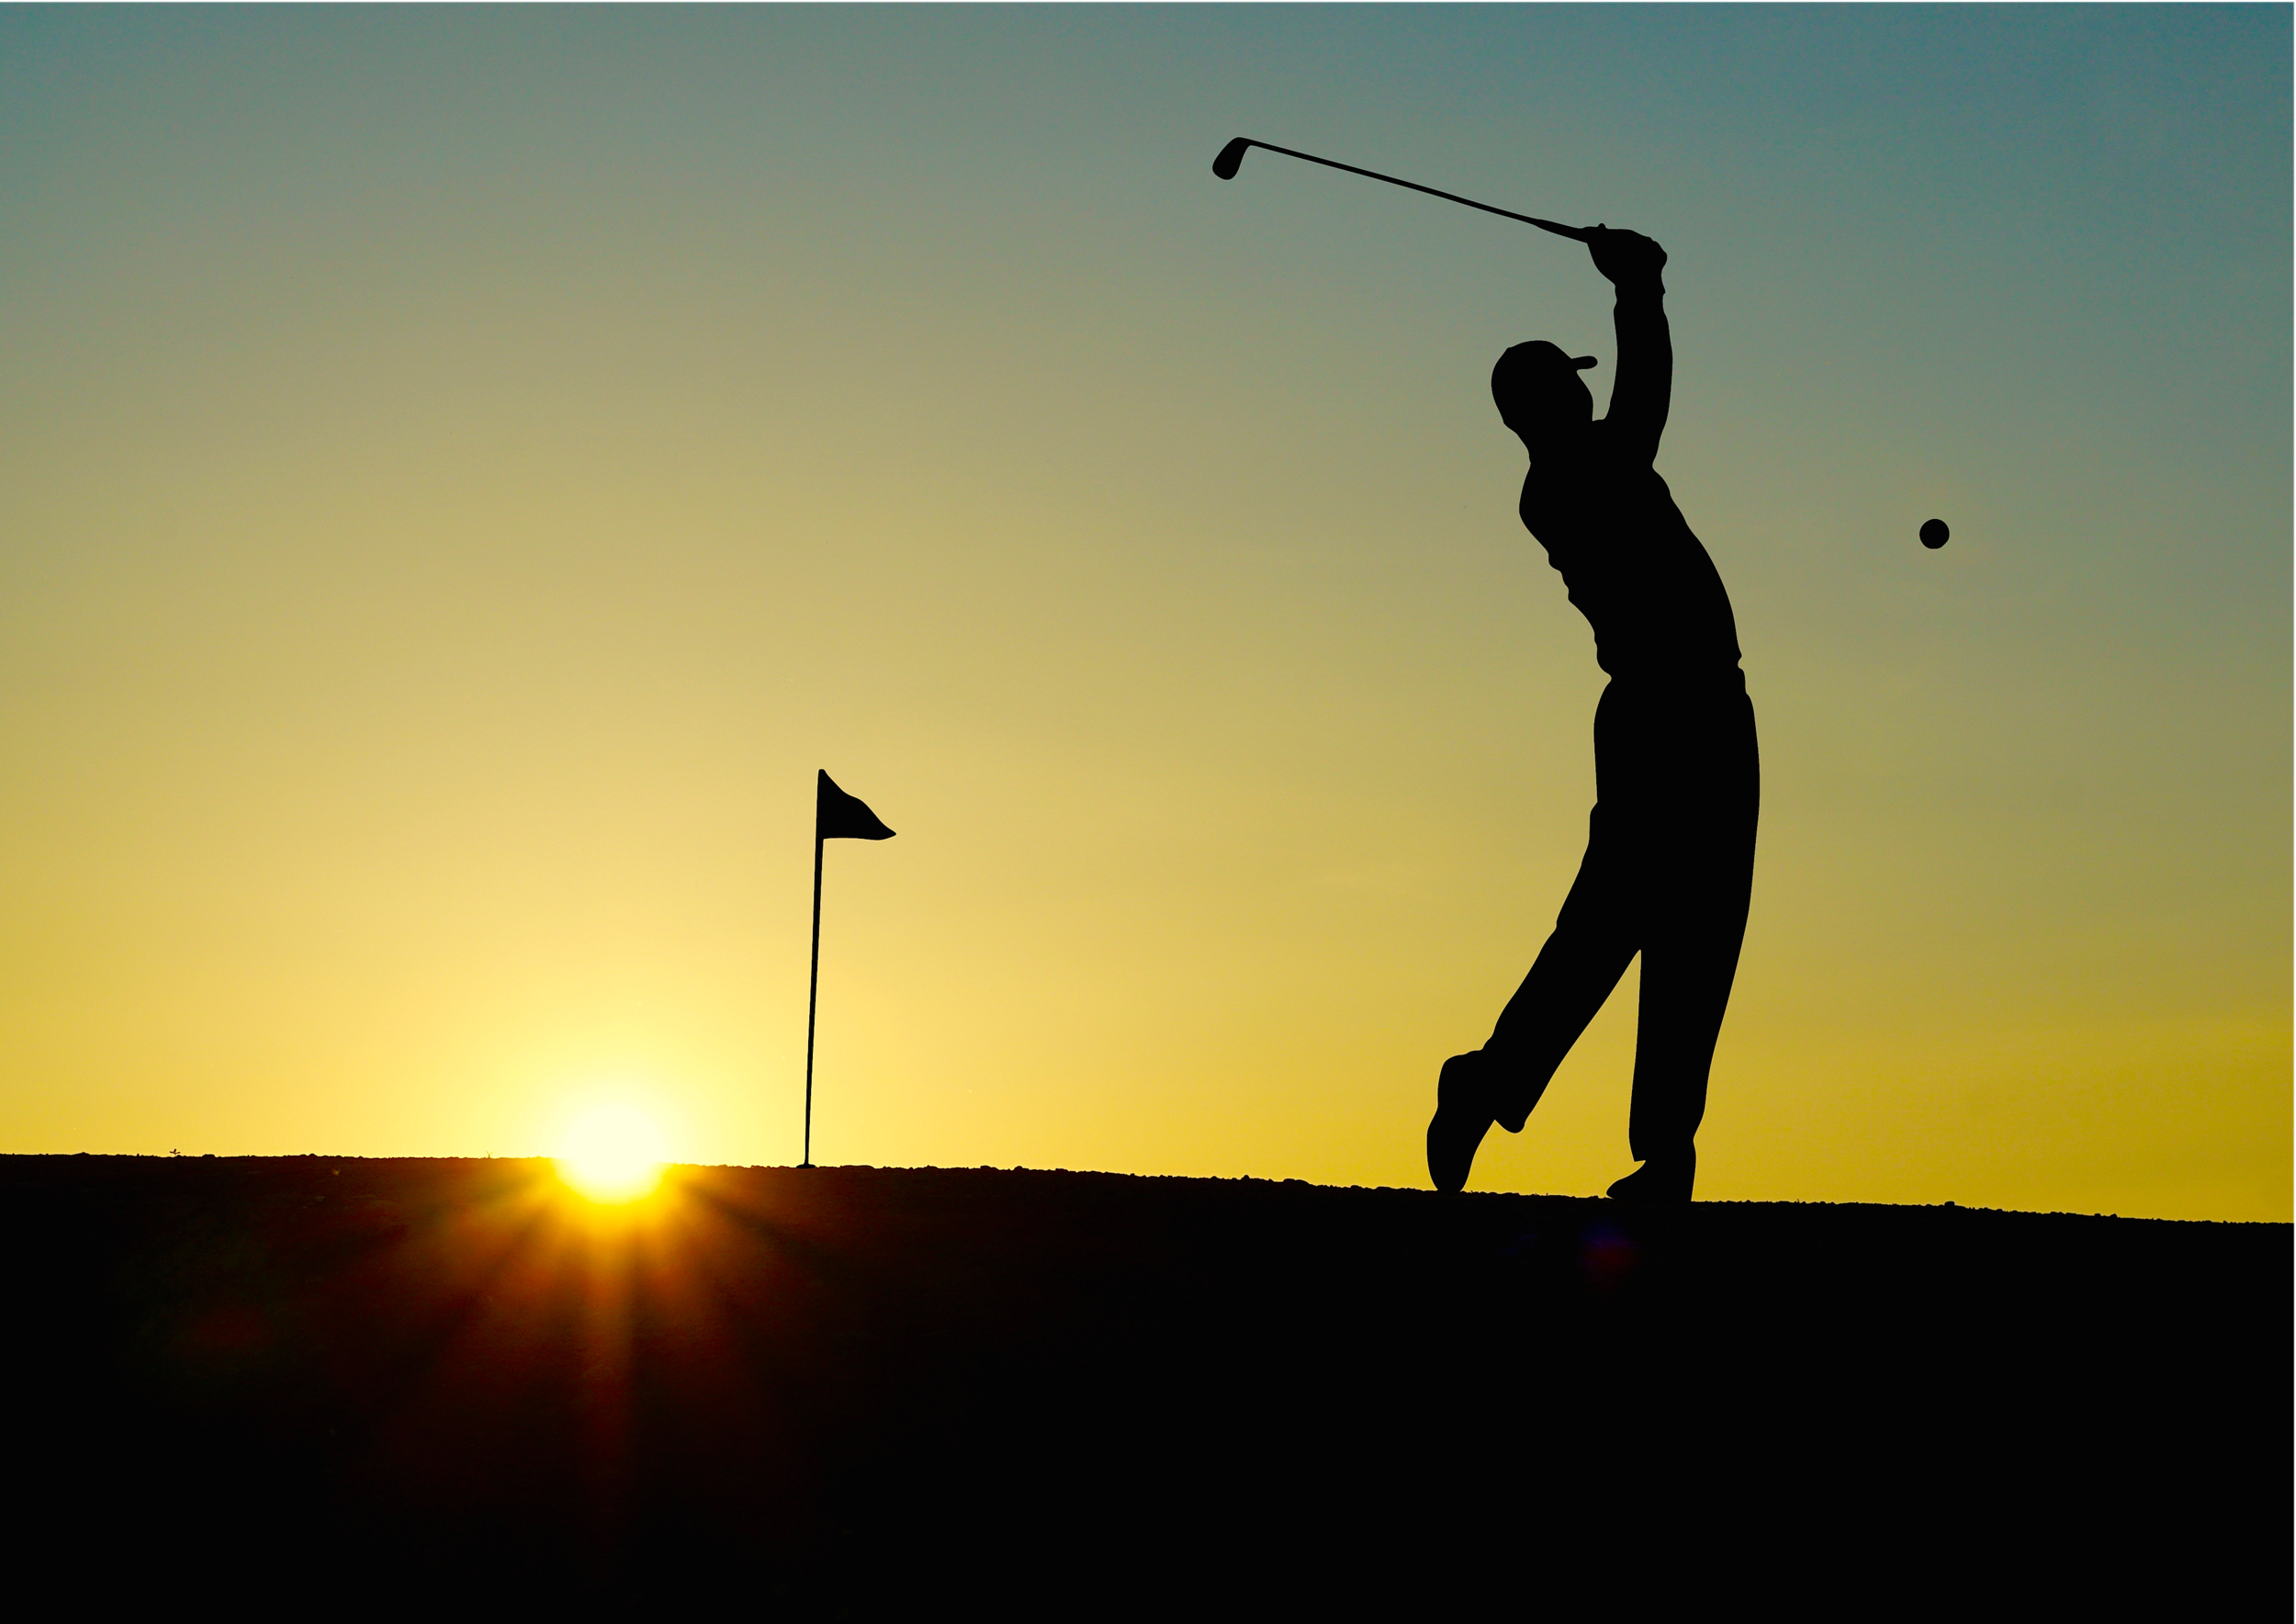 golf-sunset-sport-golfer.png